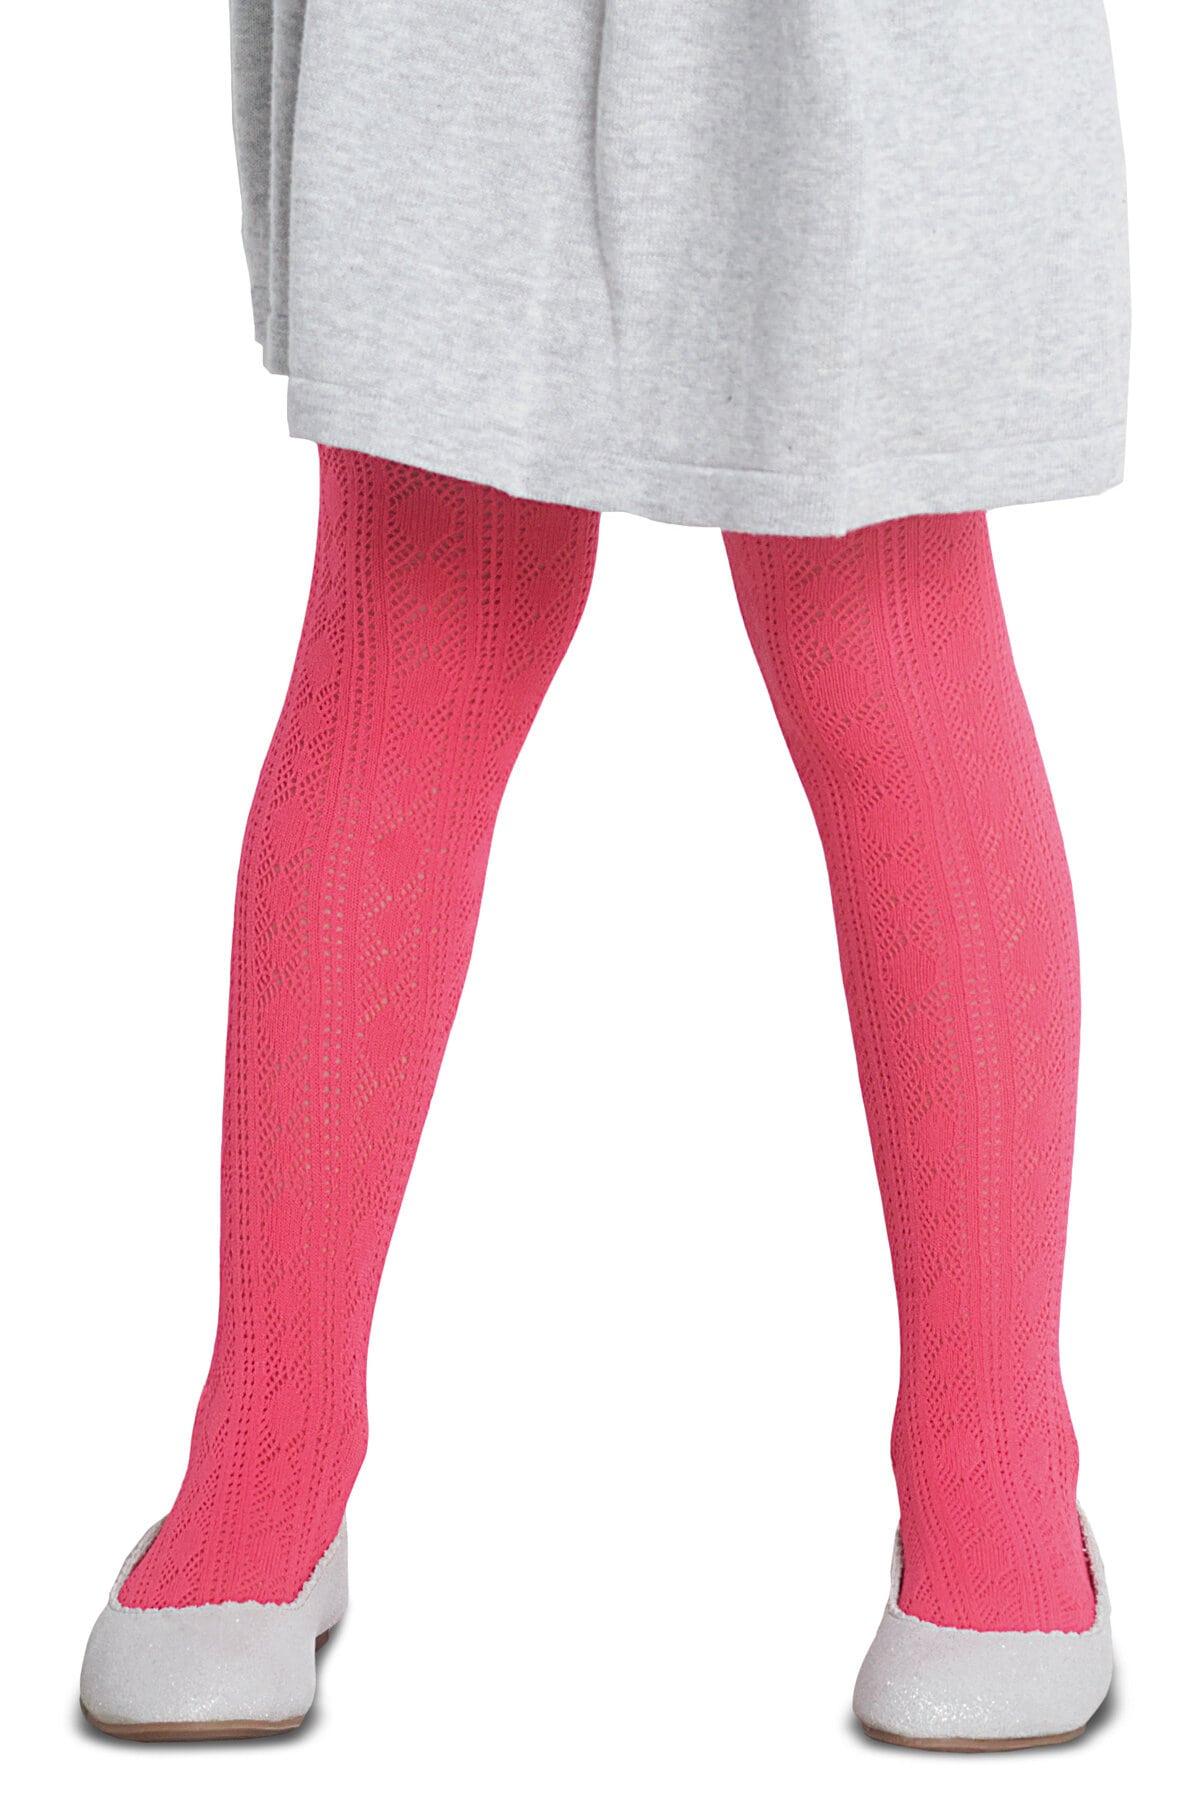 پنتی | Penti - جوراب شلواری طرحدار دخترانه پنتی Elena گلبهی